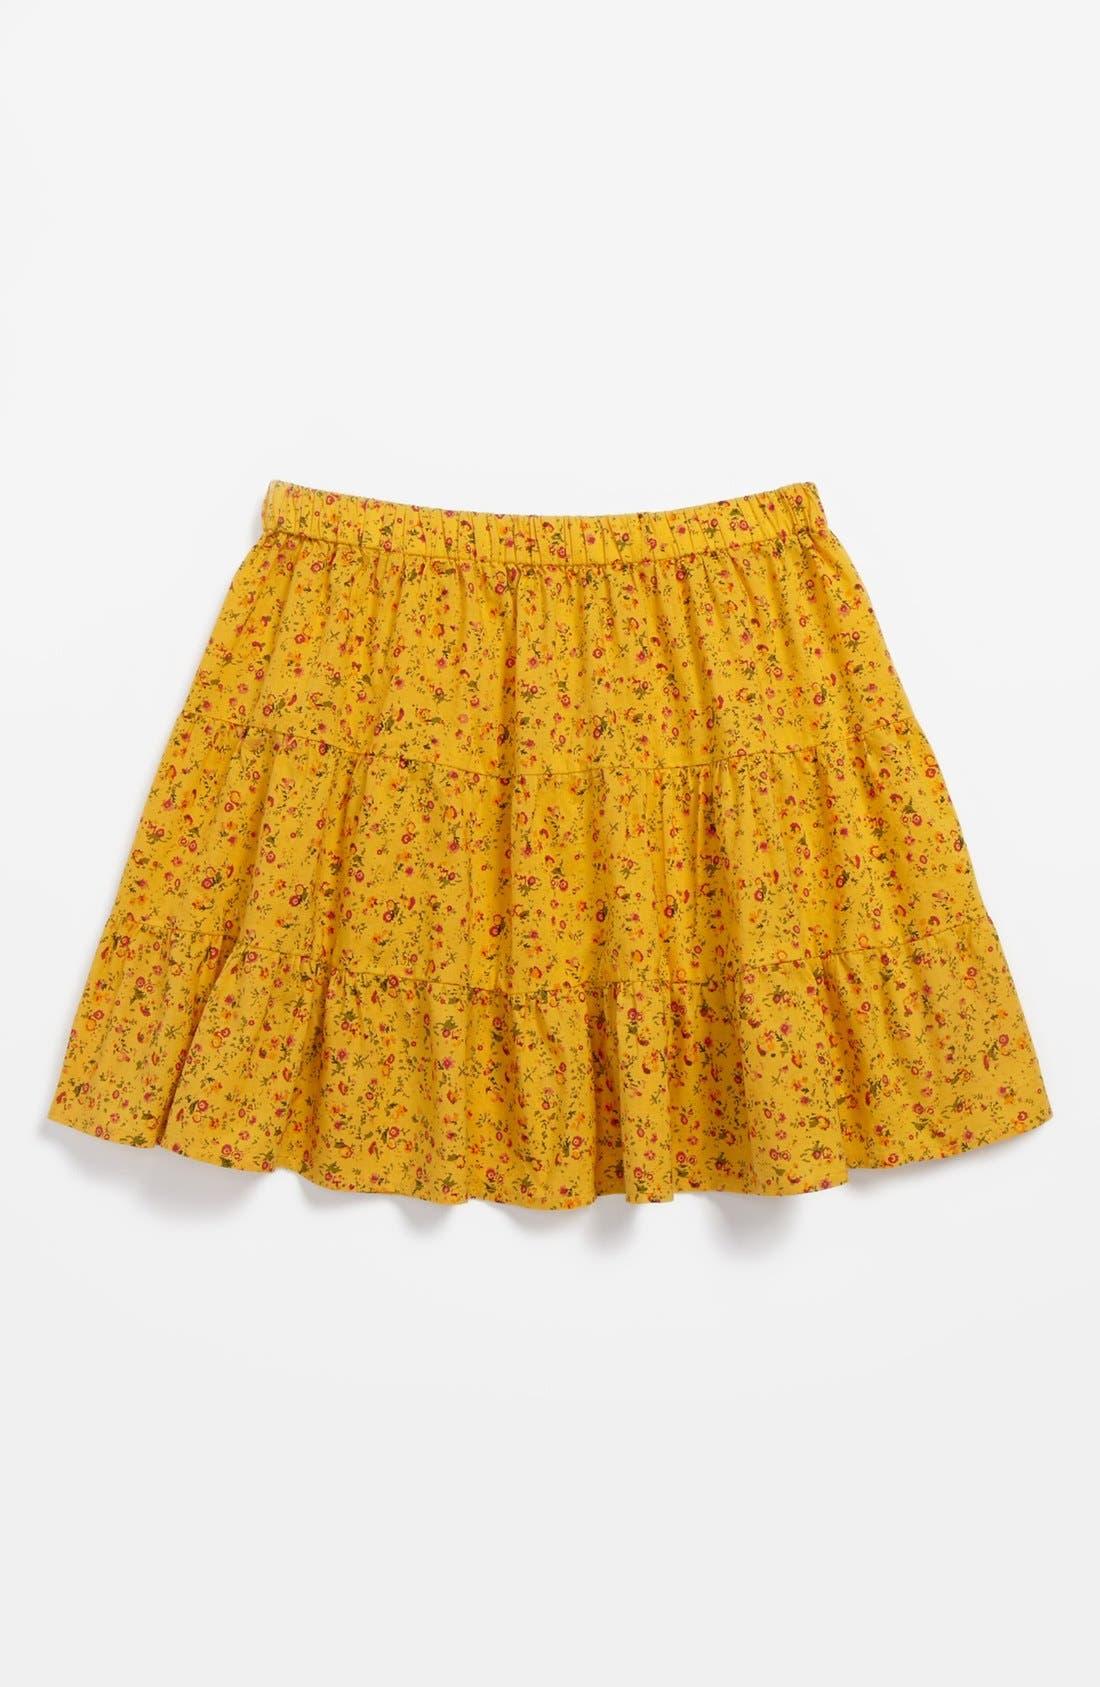 Alternate Image 1 Selected - Peek 'Alli' Skirt (Toddler Girls & Little Girls)